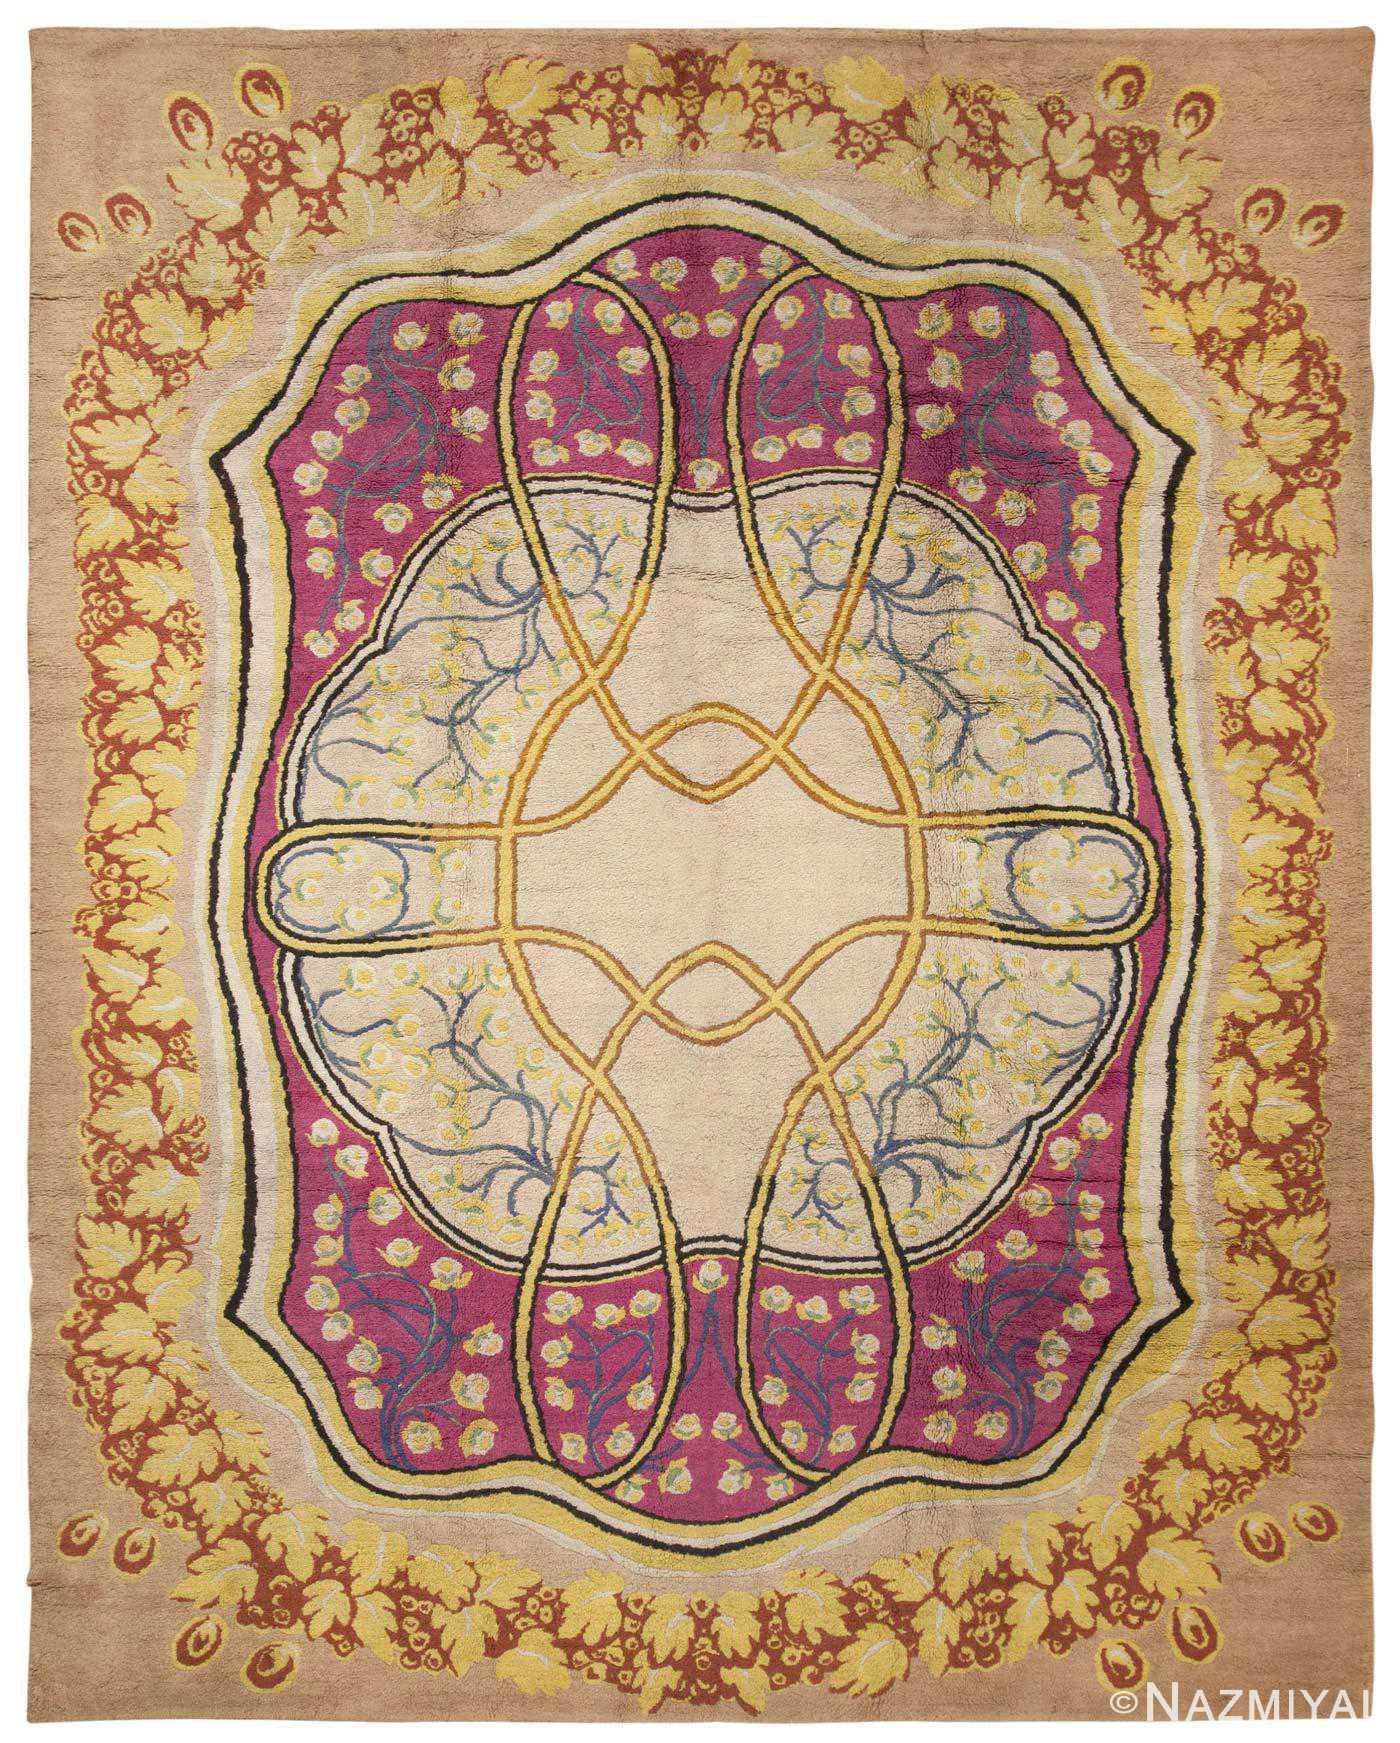 Antique European Rug 45624 Detail/Large View - By Nazmiyal